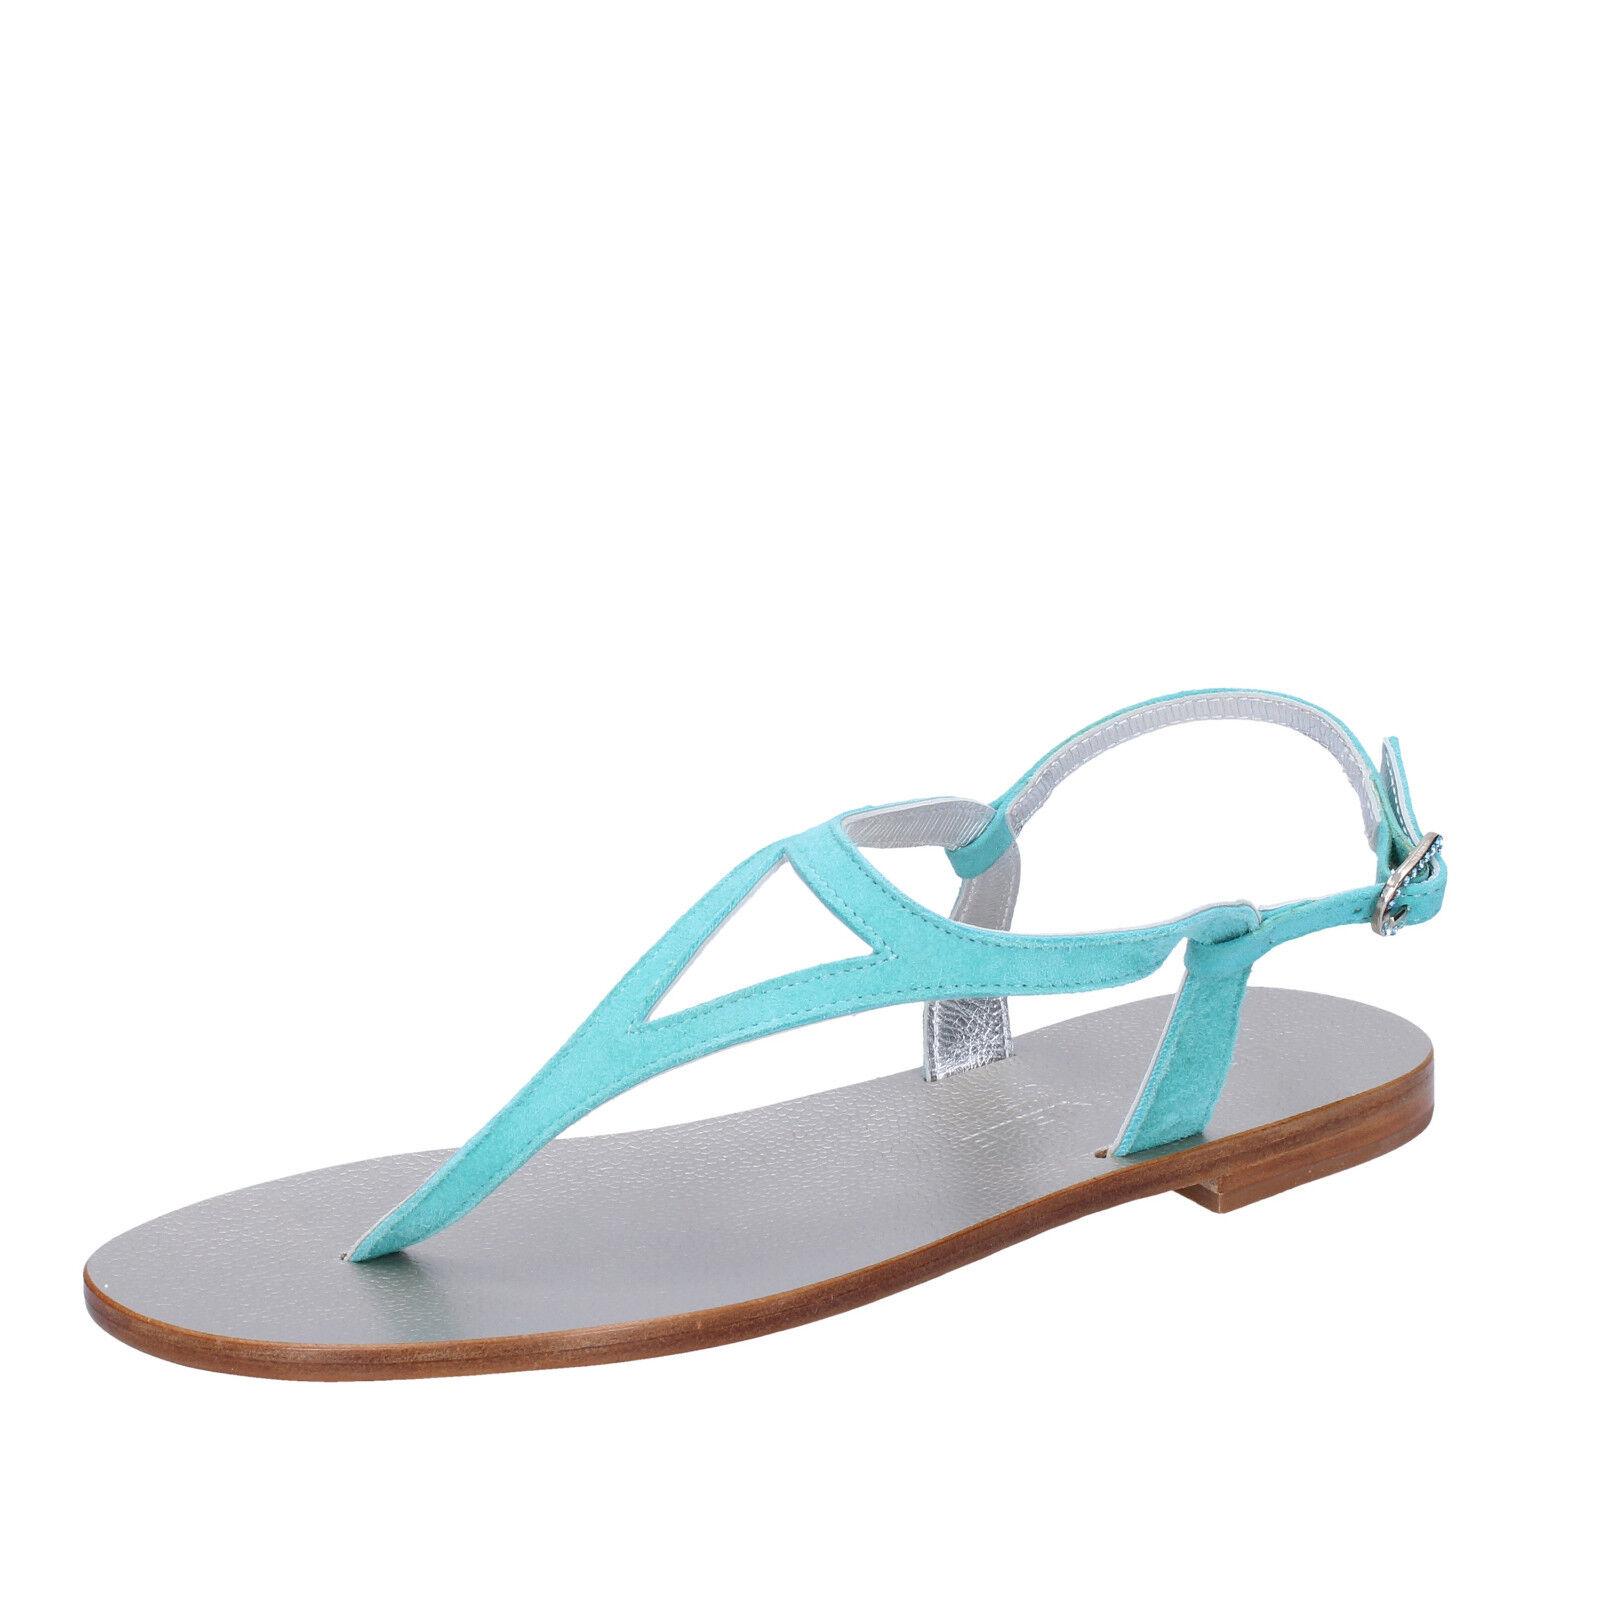 Chaussures Femmes Eddy Daniele 37 UE Sandales Bleu Clair Daim aw520